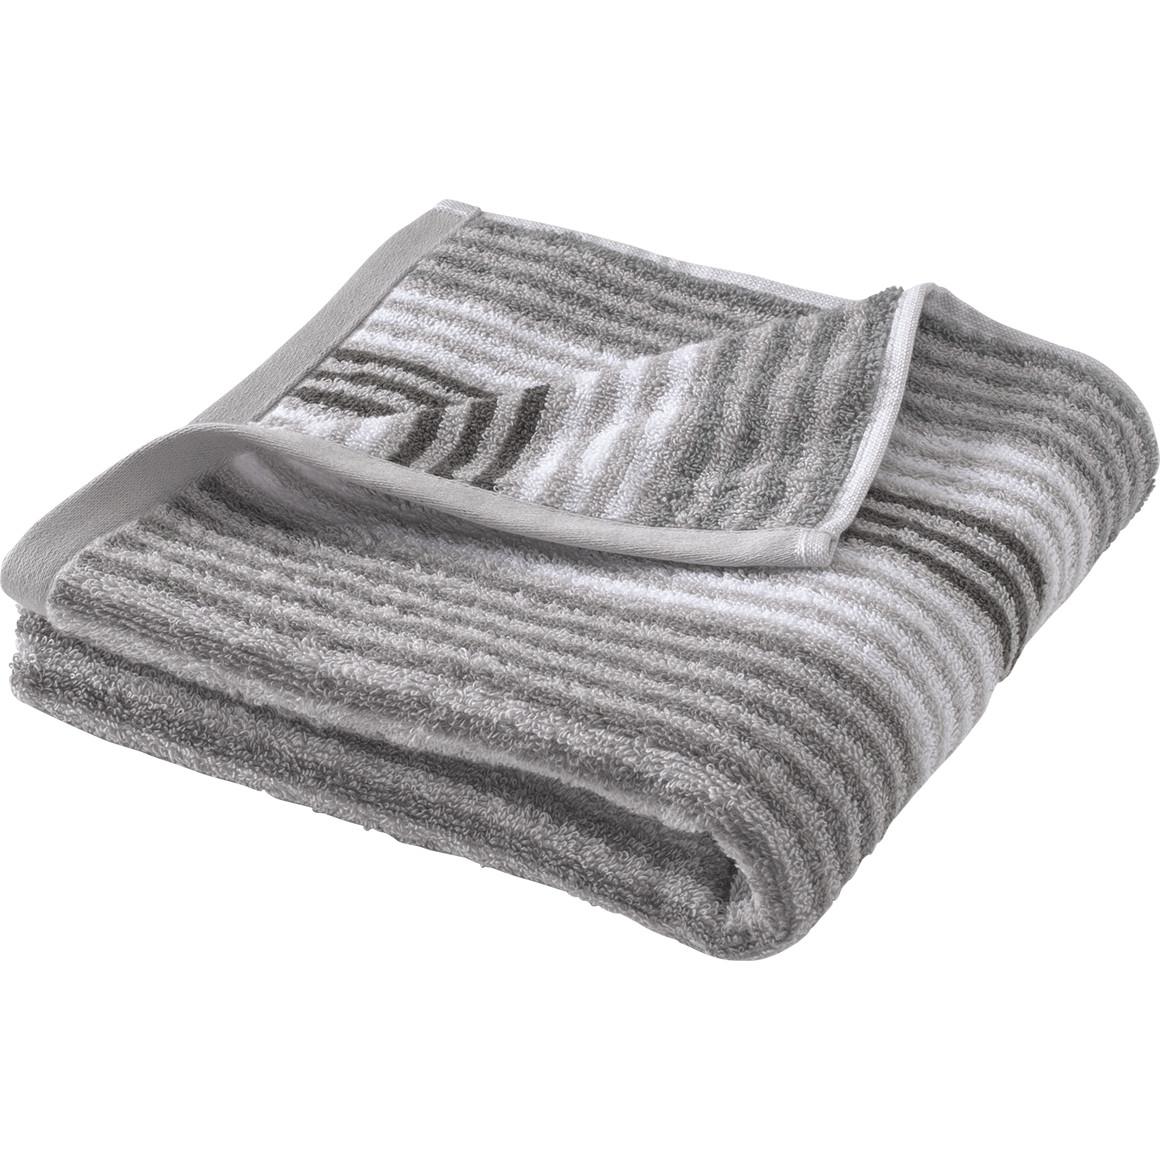 Handtuch im Streifendesign jetztbilligerkaufen